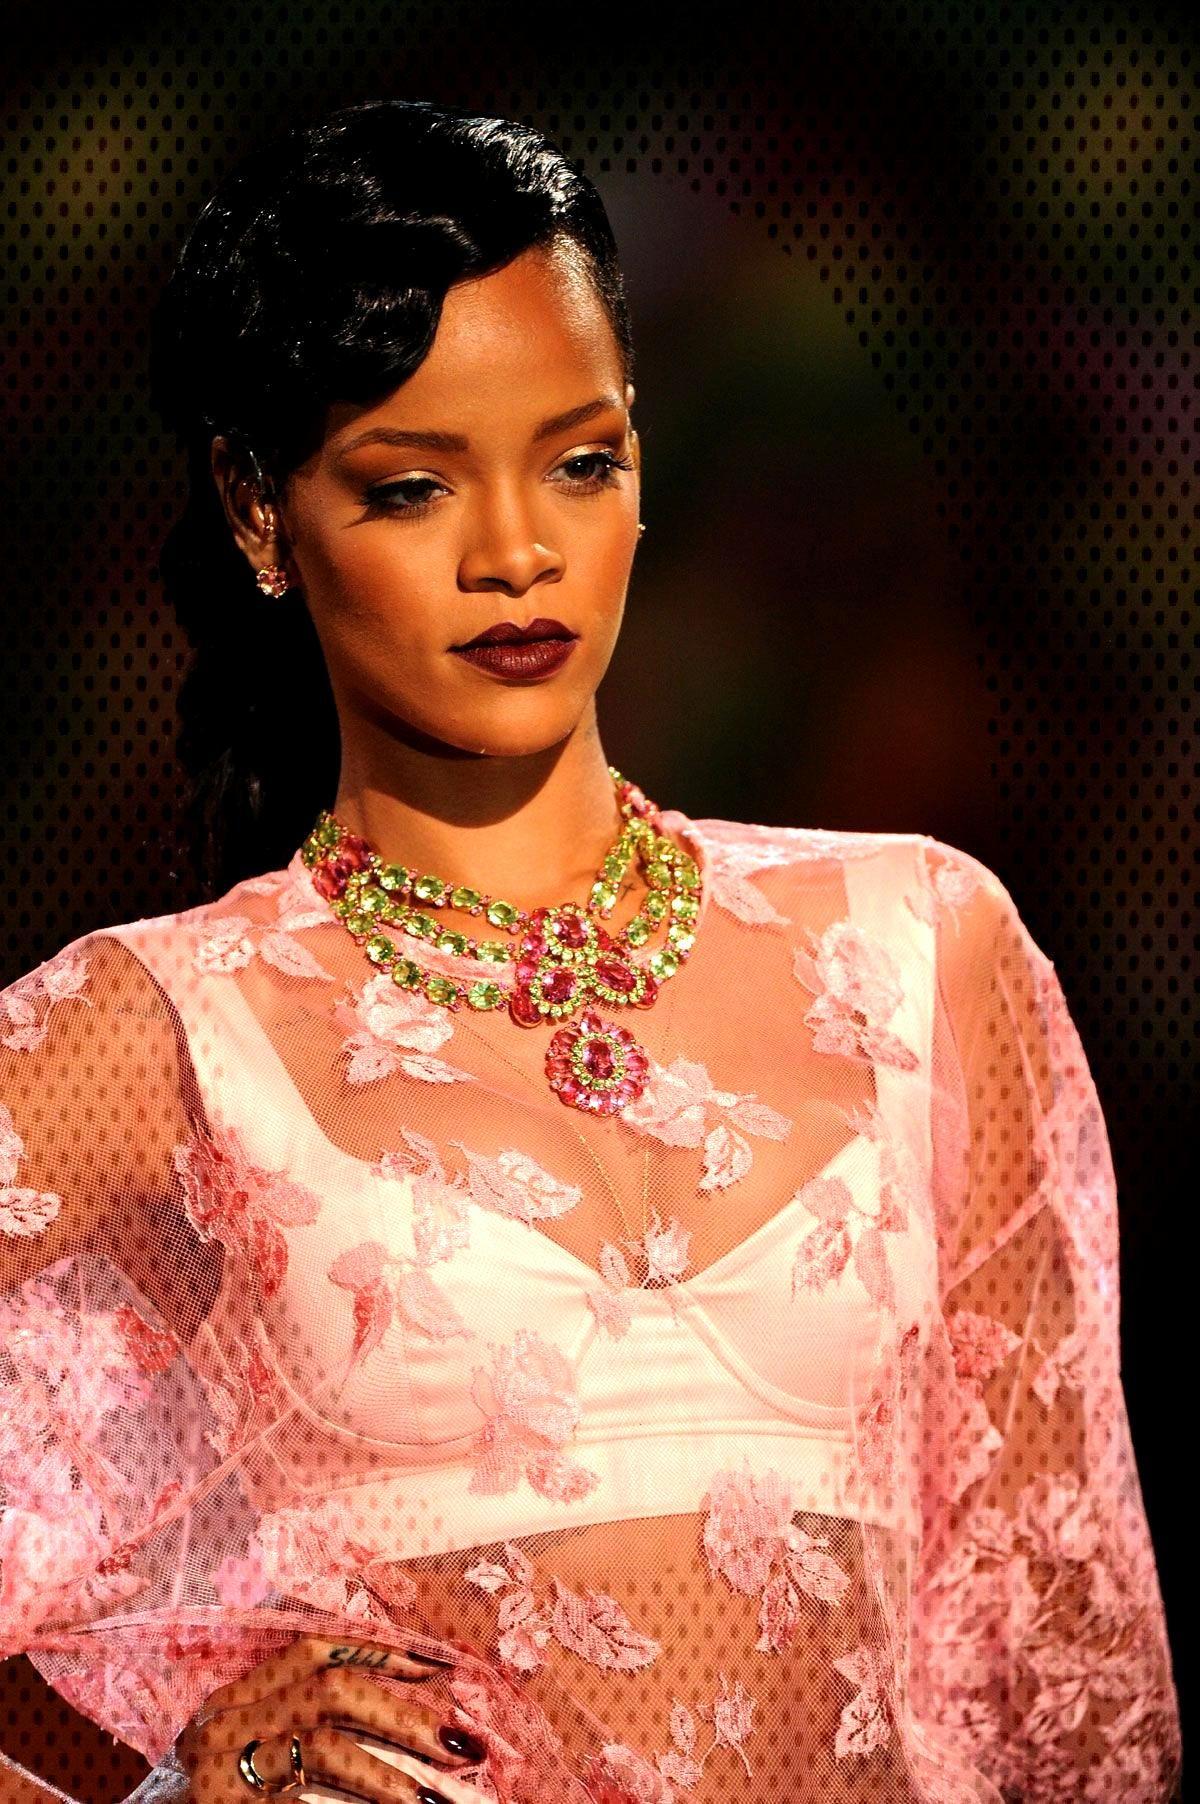 Rihanna Rihanna,